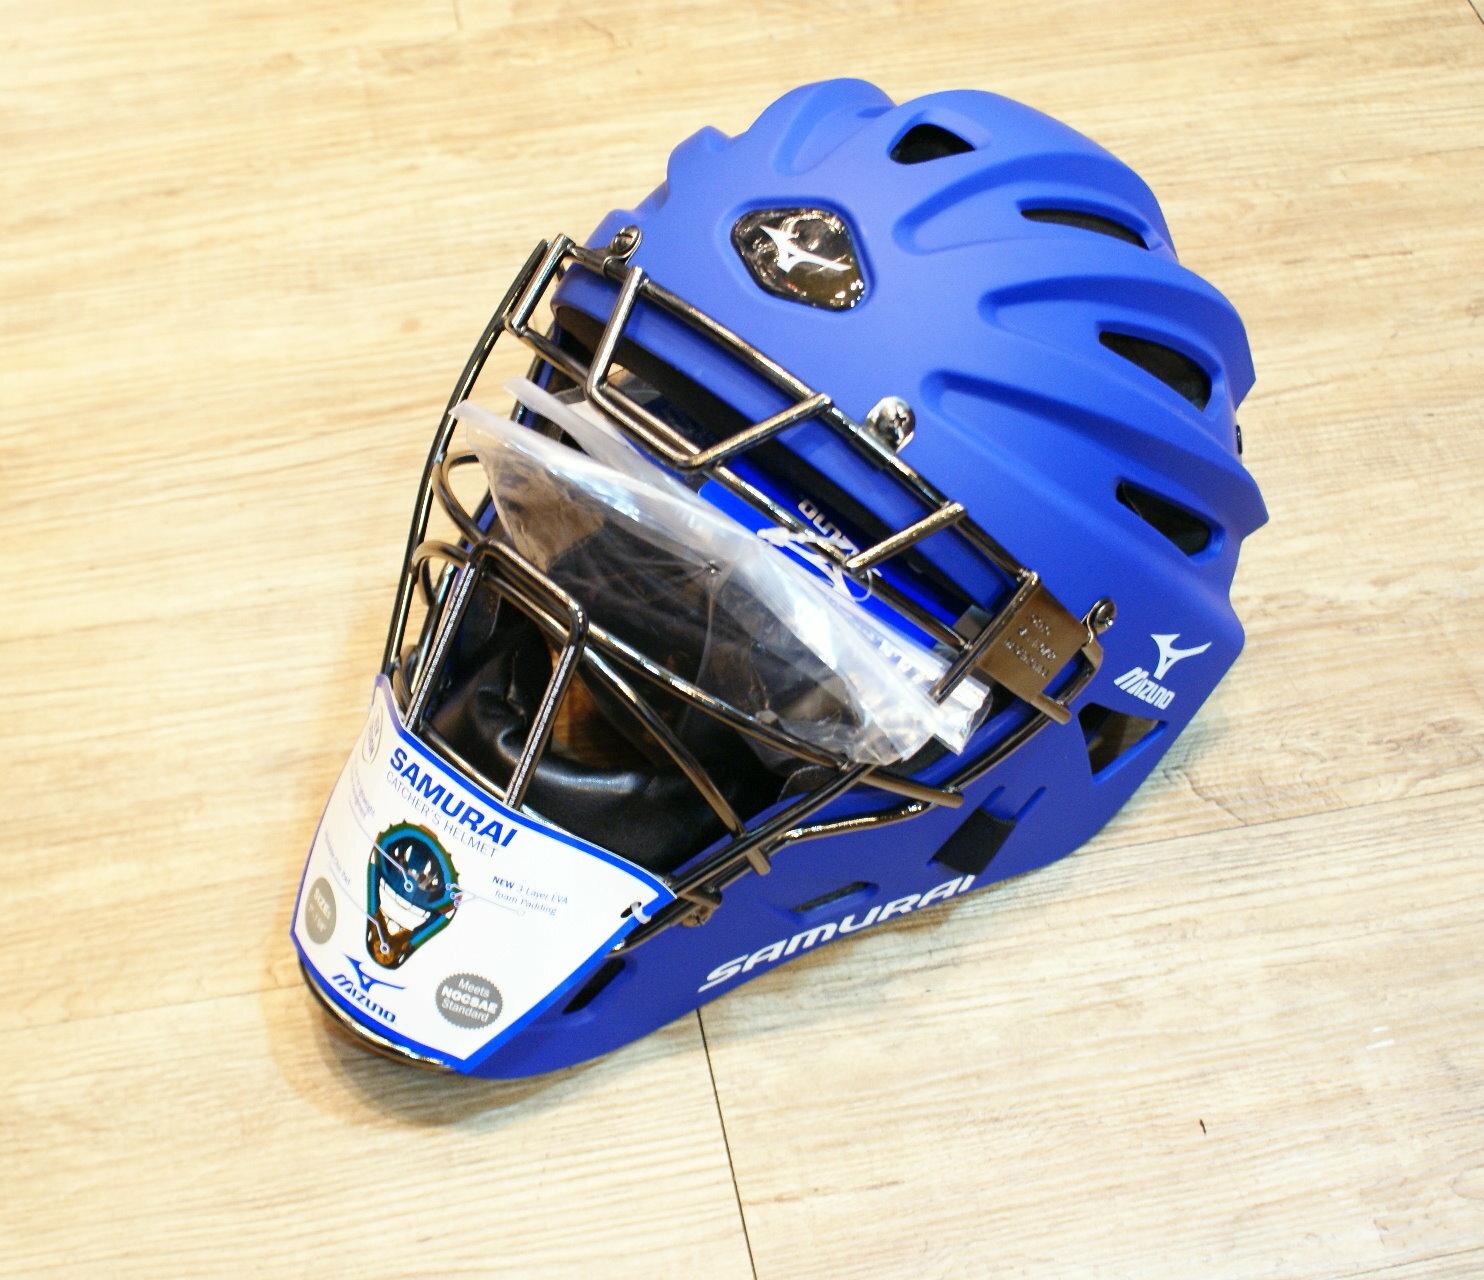 棒球世界 Mizuno 棒球捕手頭盔(成人用) 特價